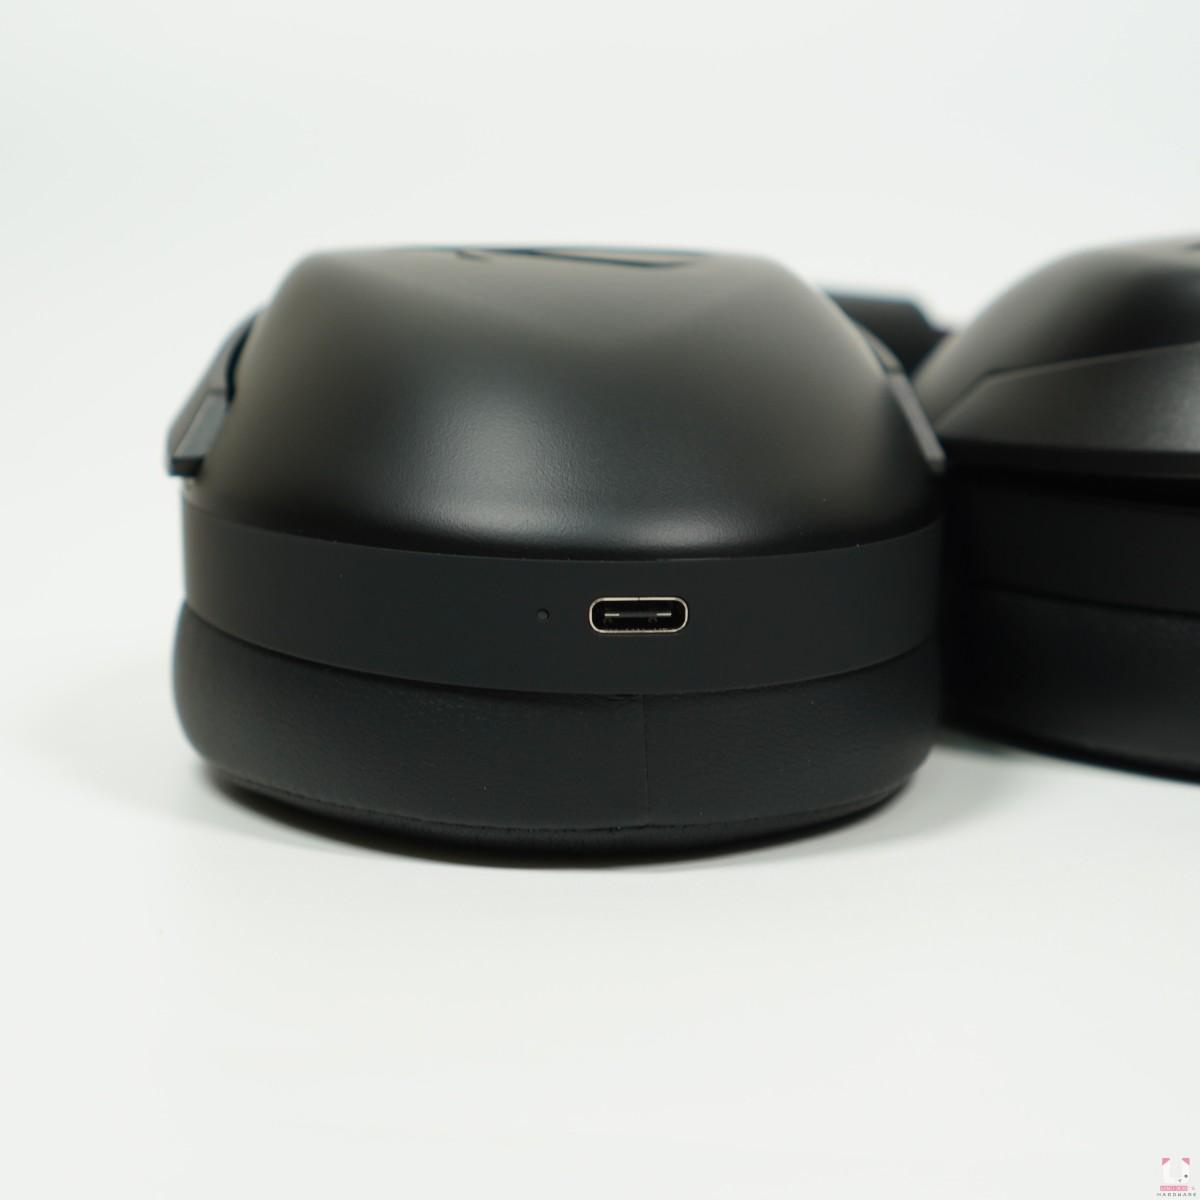 右耳罩下方是 Type C 充電接口,充電時會閃燈提示。